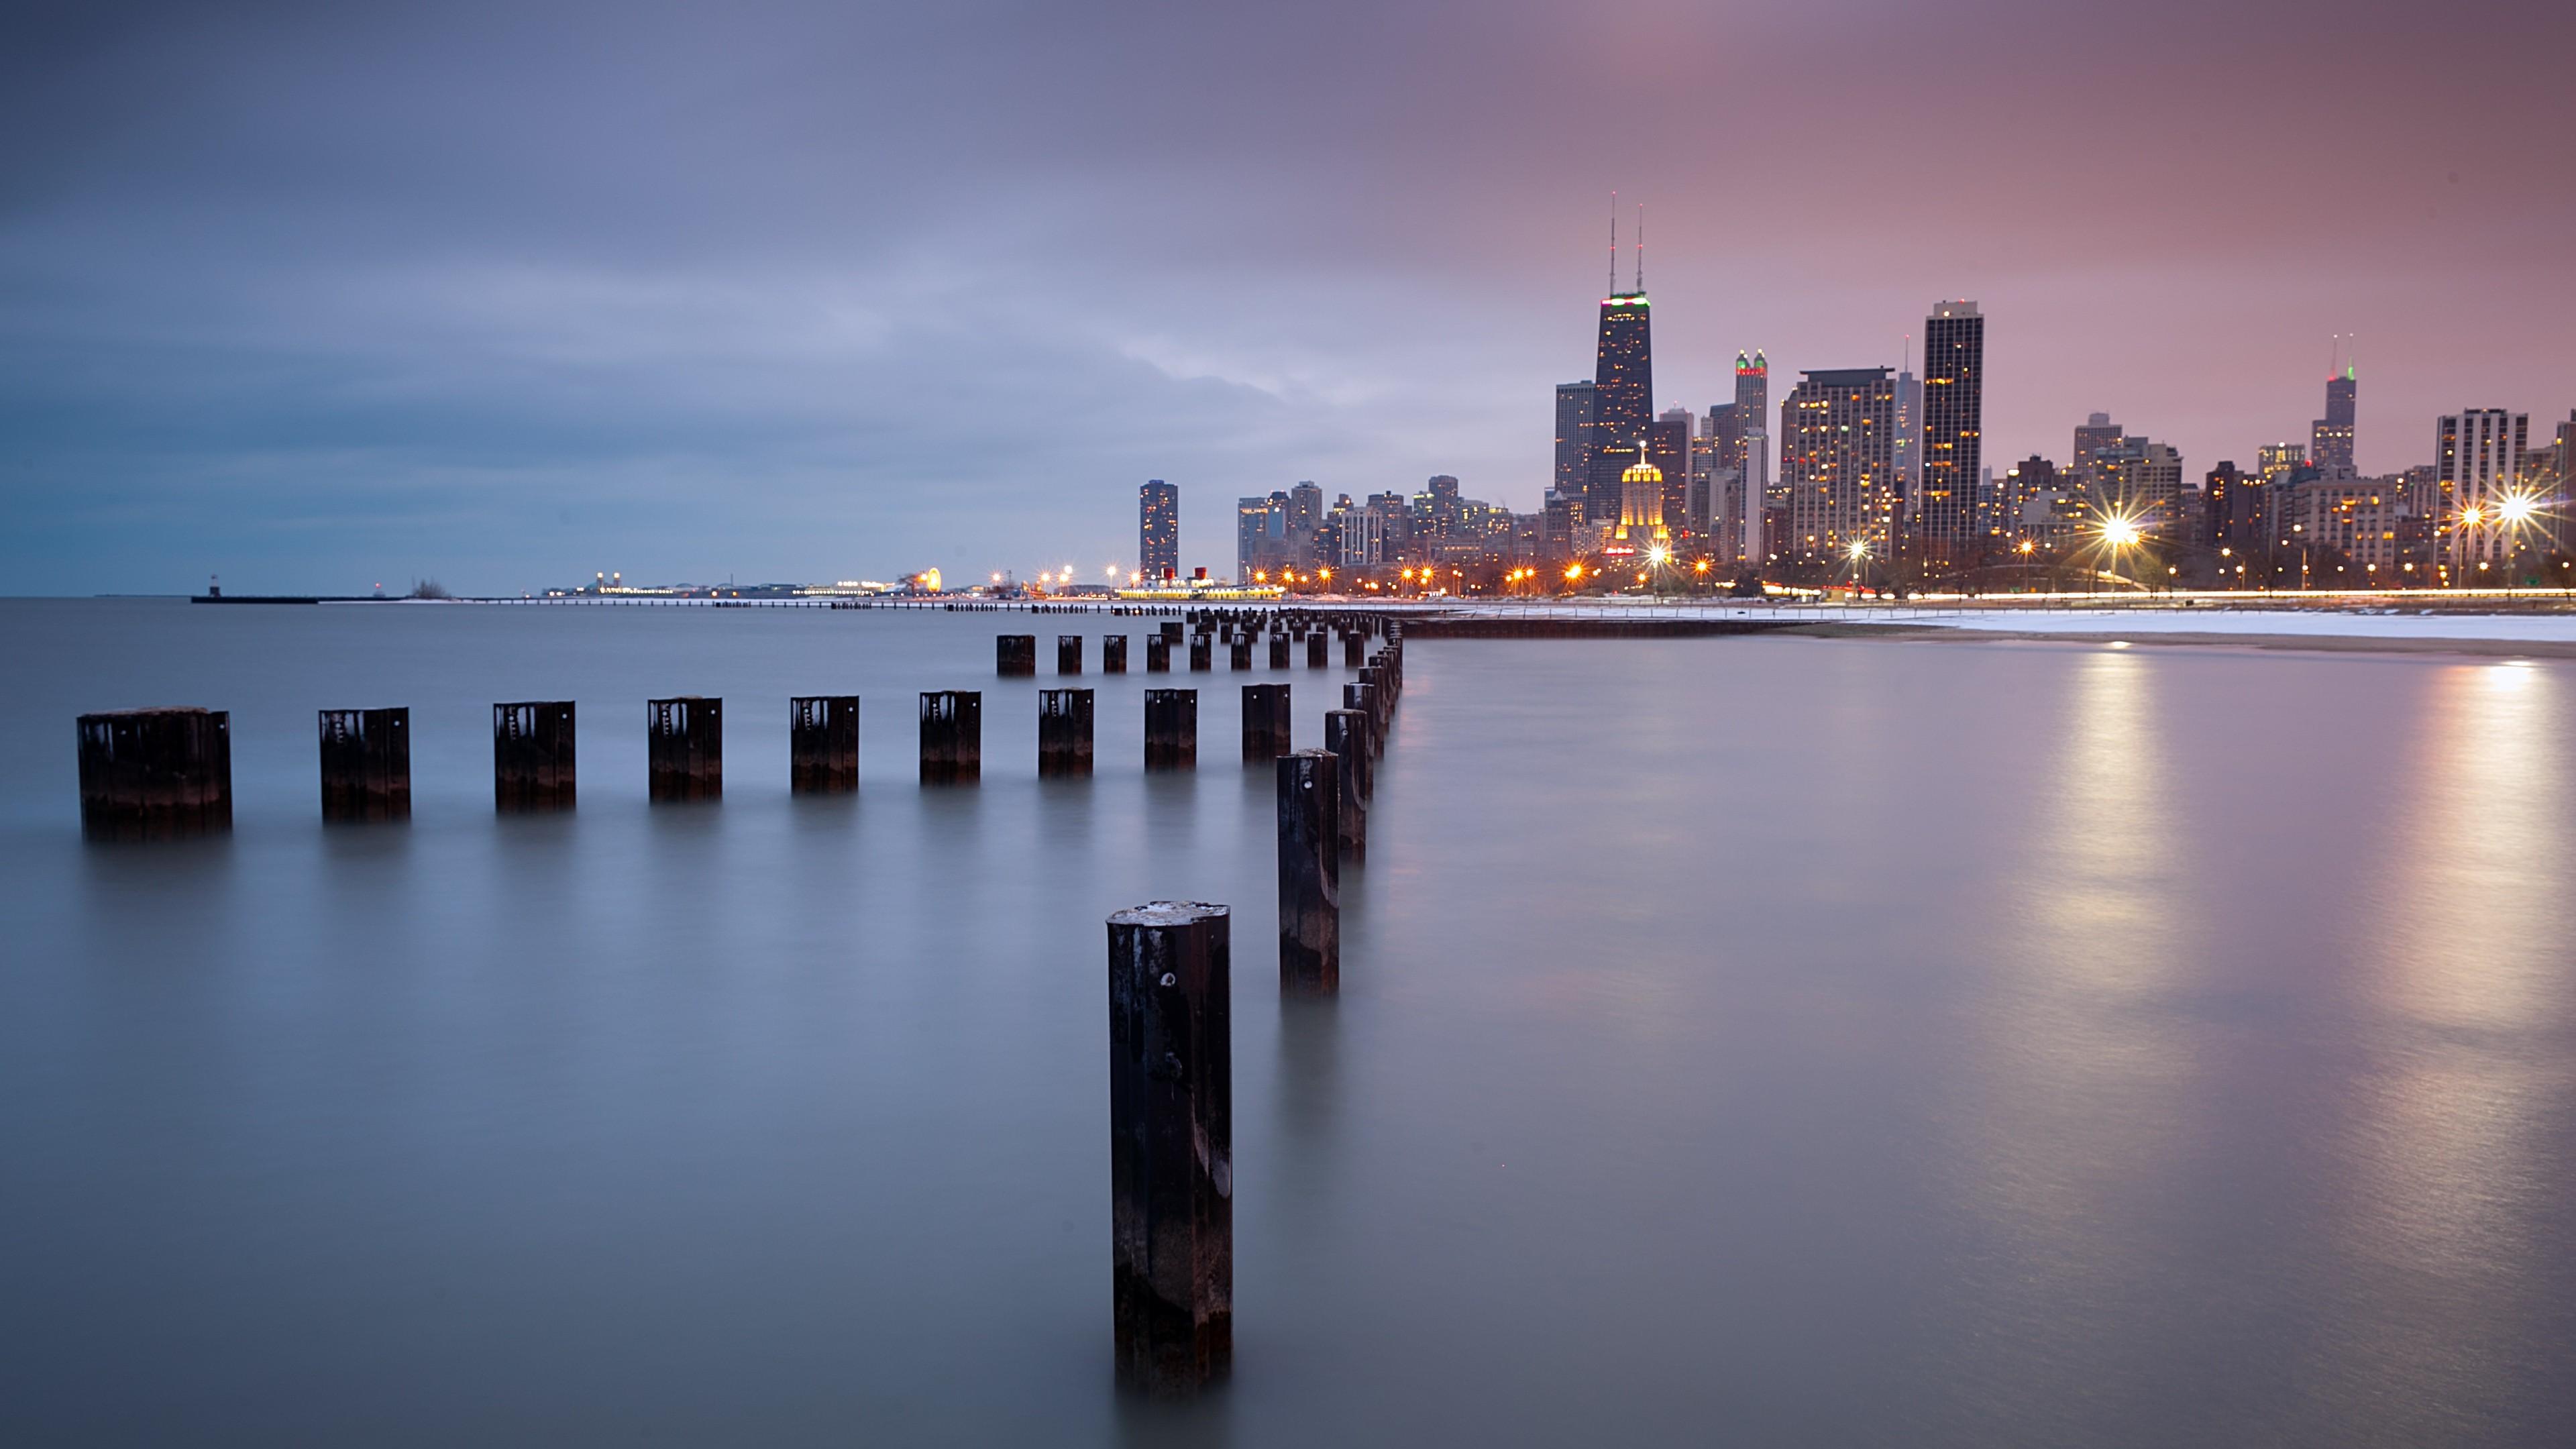 Chicago Lakefront Trail 4K Ultra HD Desktop Wallpaper Uploaded by  DesktopWalls